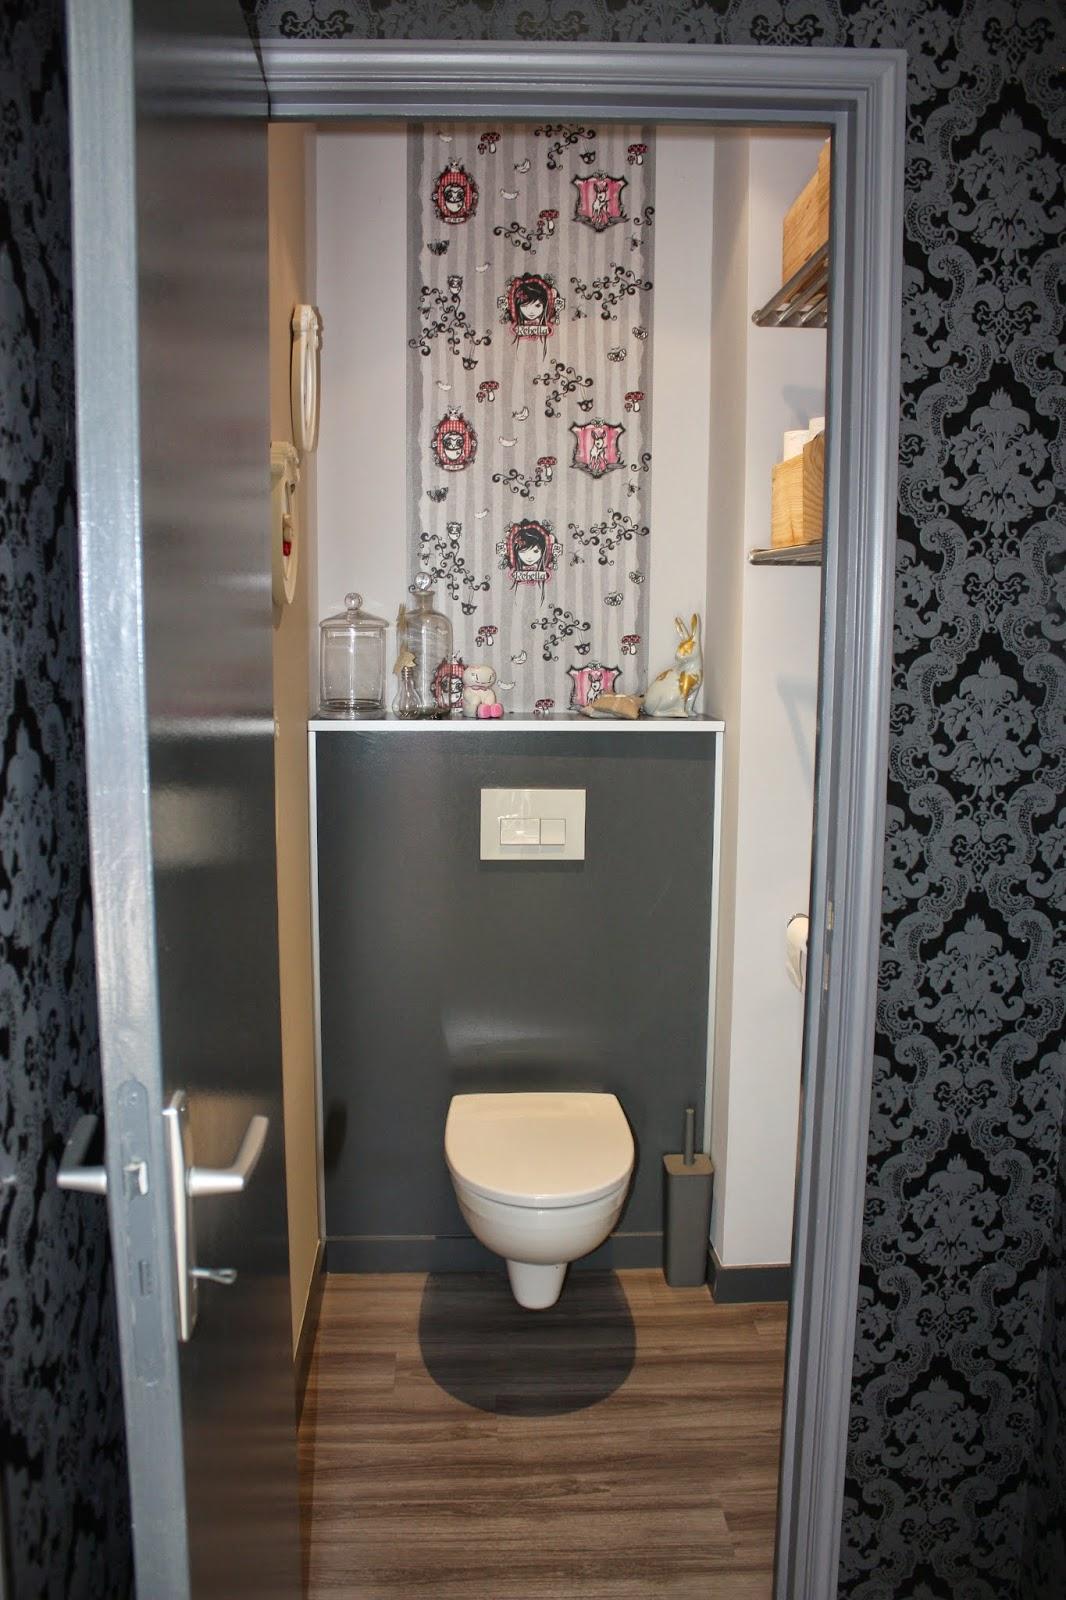 papier peint toilette elegant papier peint minaret. Black Bedroom Furniture Sets. Home Design Ideas